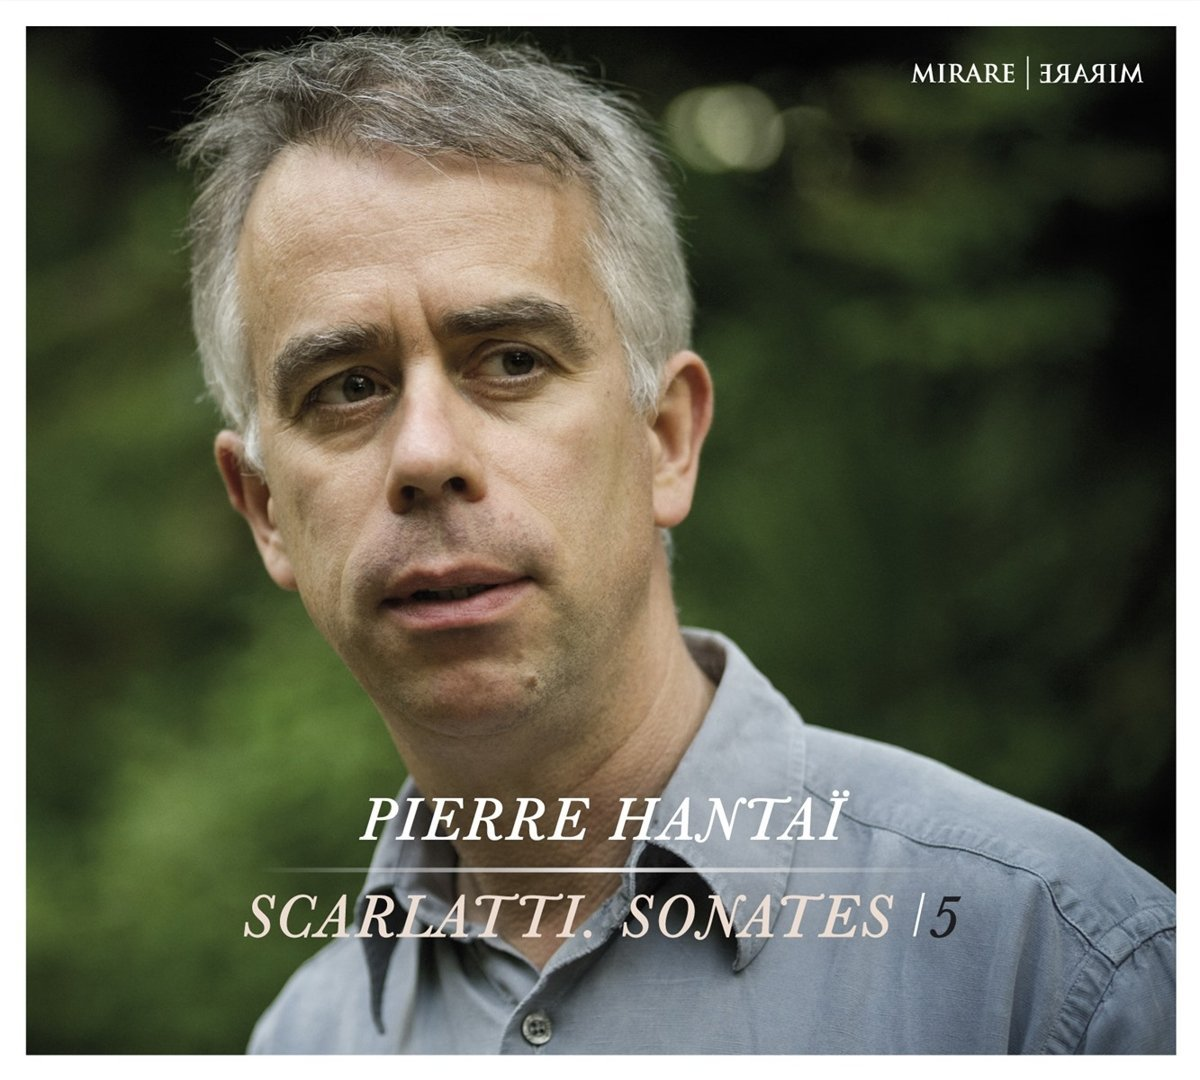 Domenico Scarlatti: discographie sélective - Page 5 71tmqq10